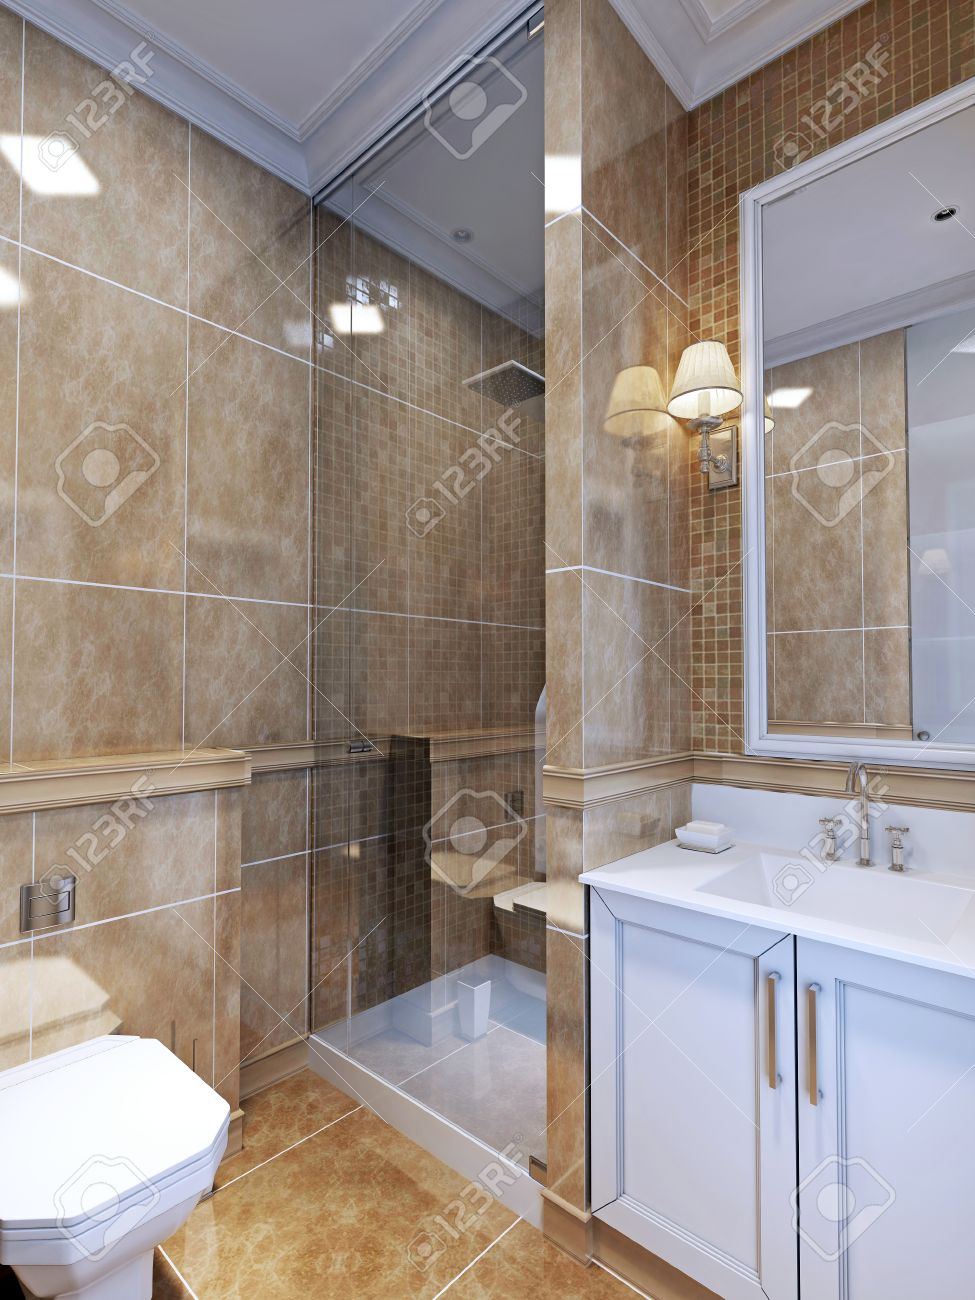 Piastrelle Piccole Per Bagno.Immagini Stock Bagno Stile Art Deco Un Bagno Completo Che E Di